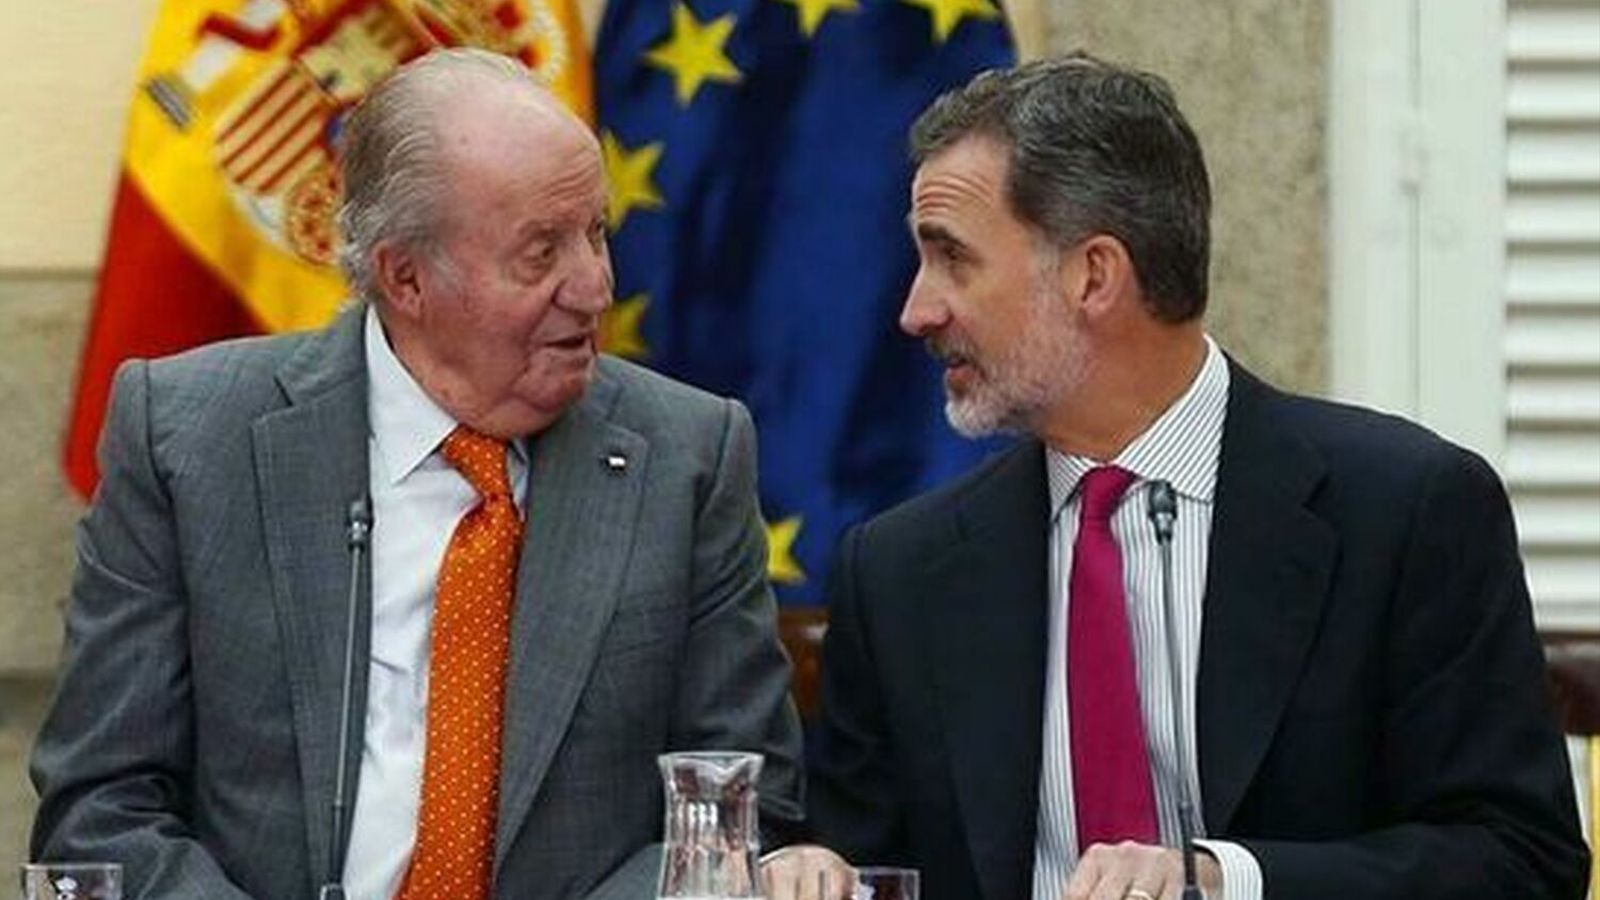 La polèmica que envolta la corona espanyola ha fet reaccionar a EM-EU que demana la retirada dels honors al rei emèrit.